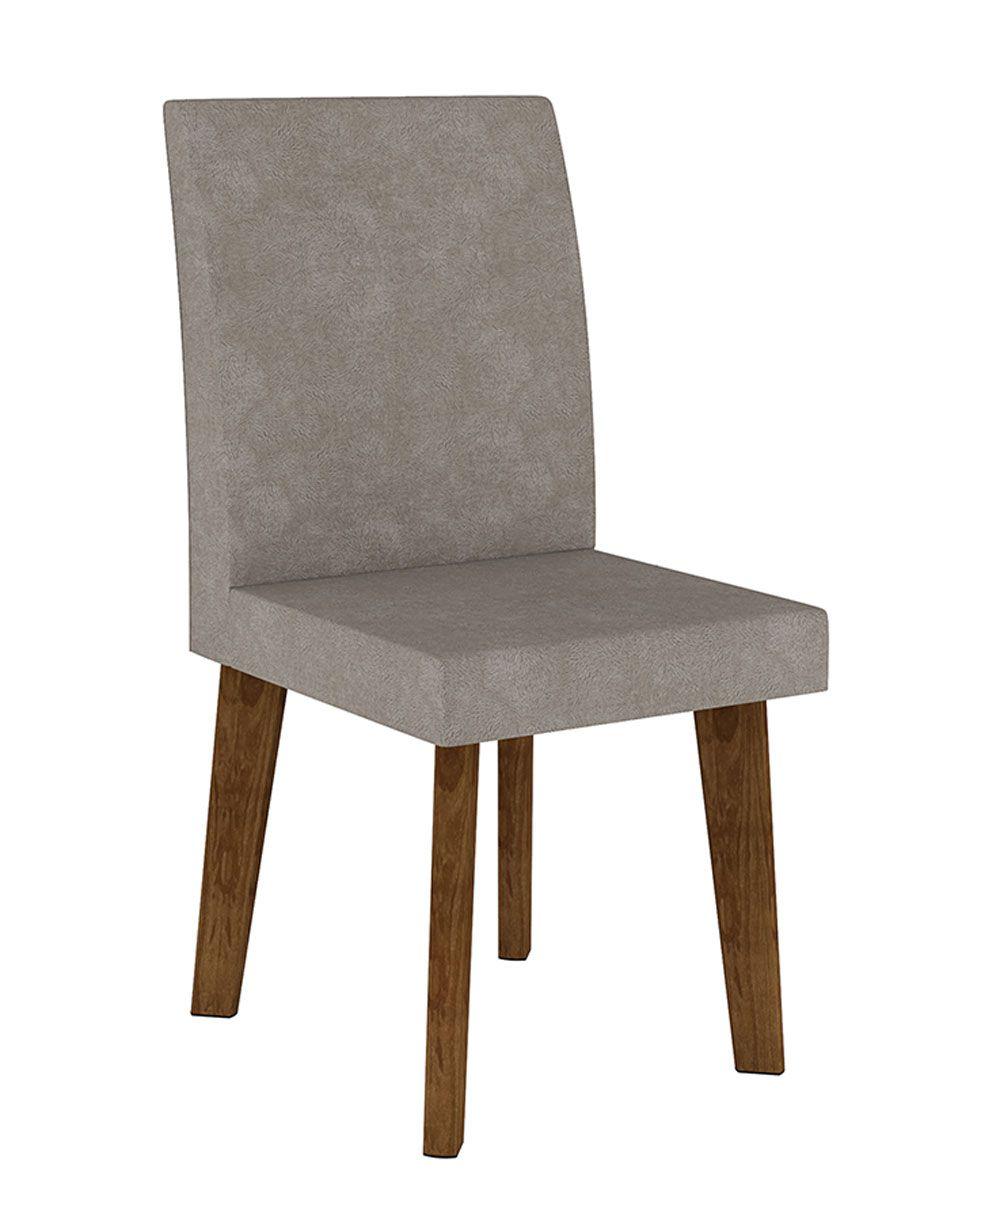 Jogo de 2 Cadeiras Jade Pé Oblongo Pena Caramelo - RV Móveis